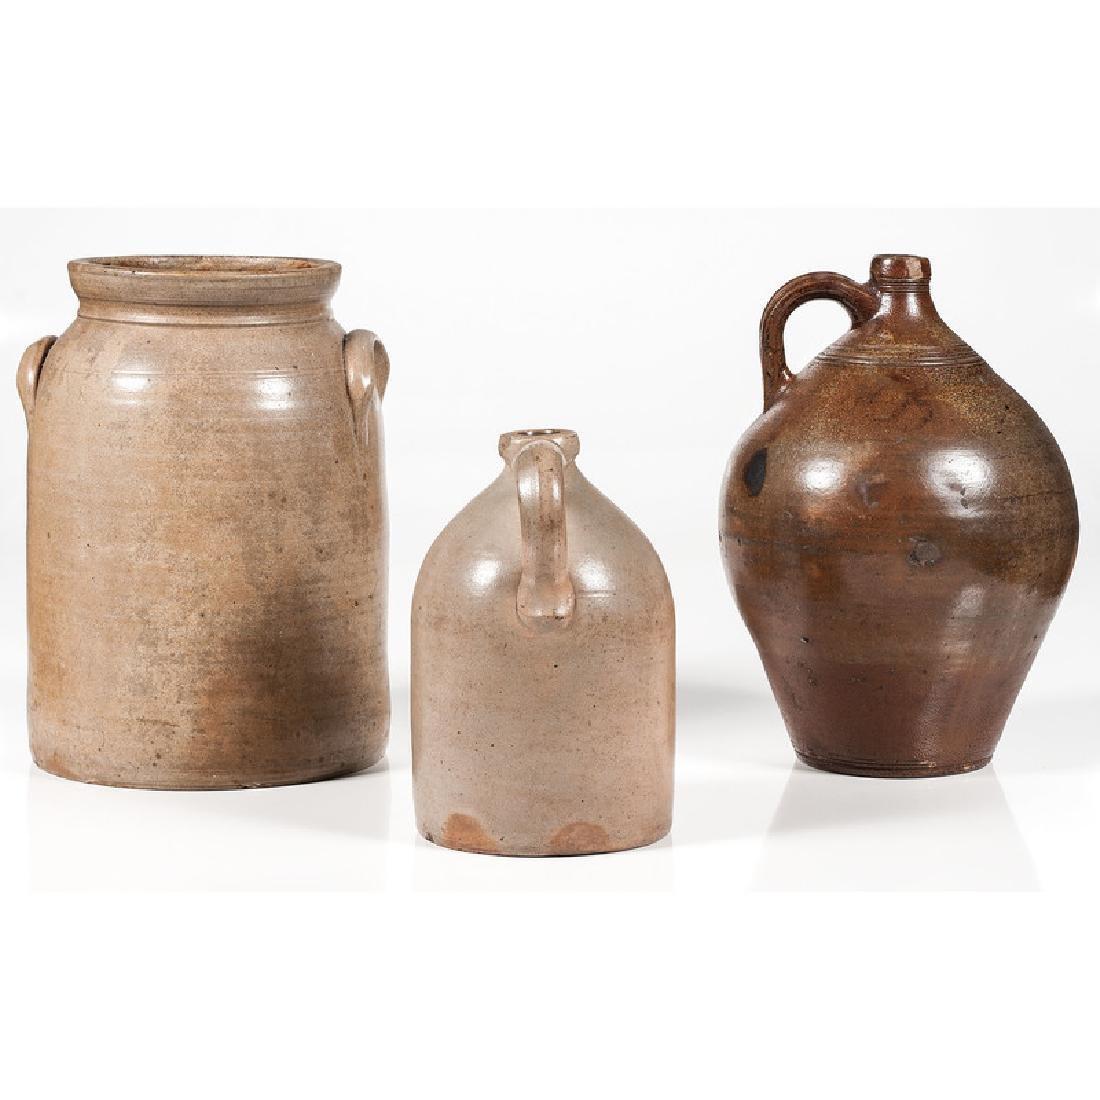 Stoneware Jugs and Crock - 3